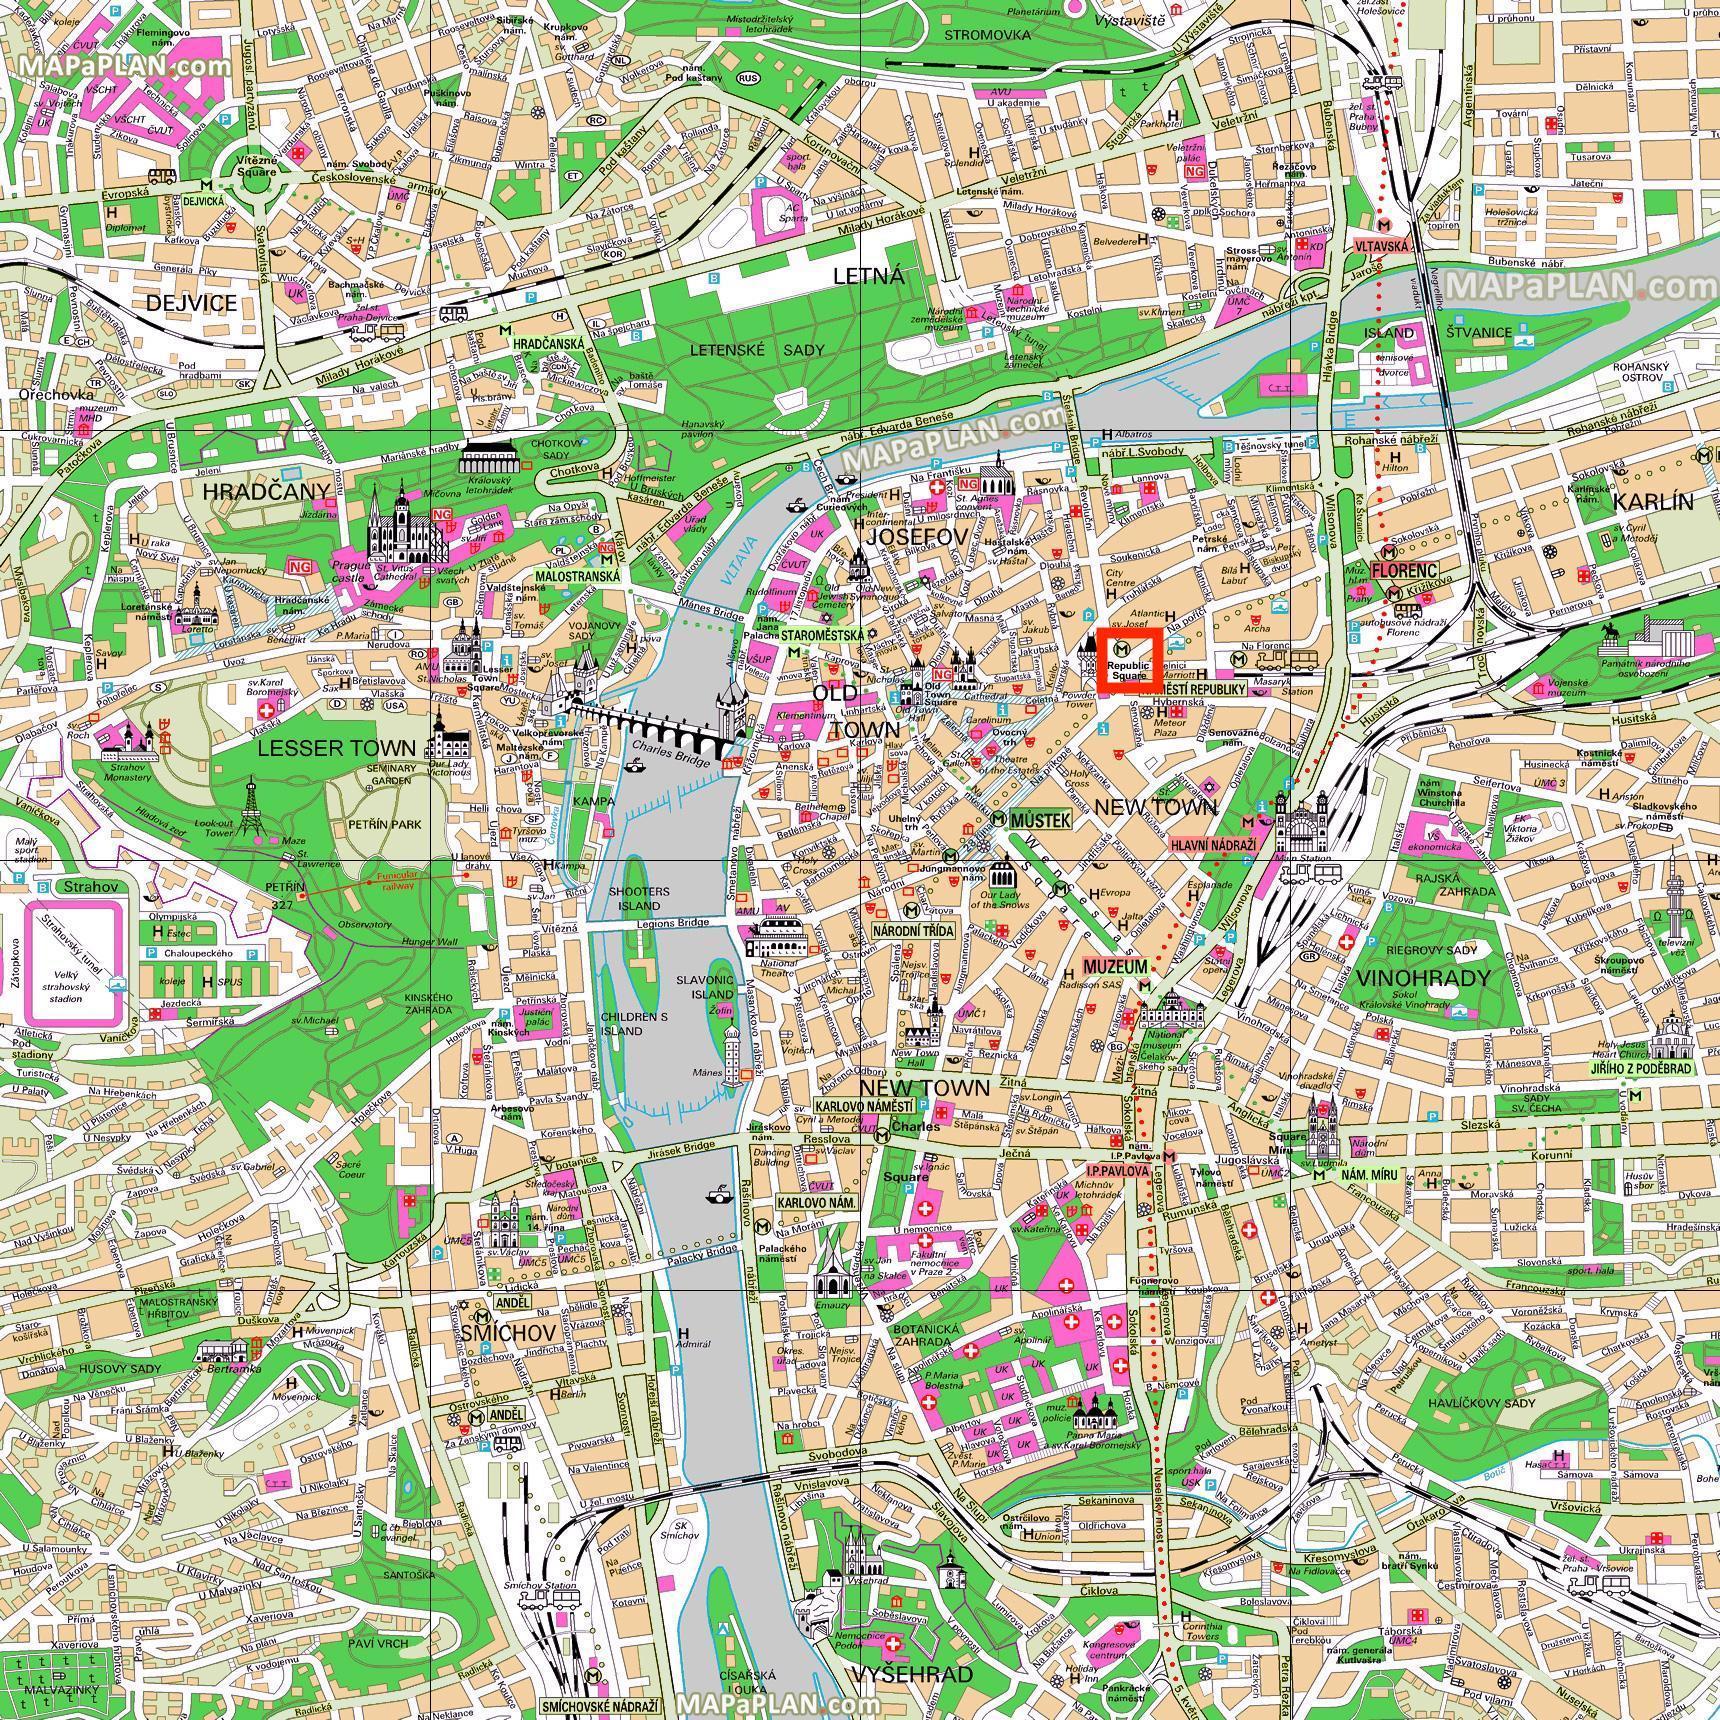 prága térkép Köztársaság tér prága térkép   Térkép köztársaság tér prága